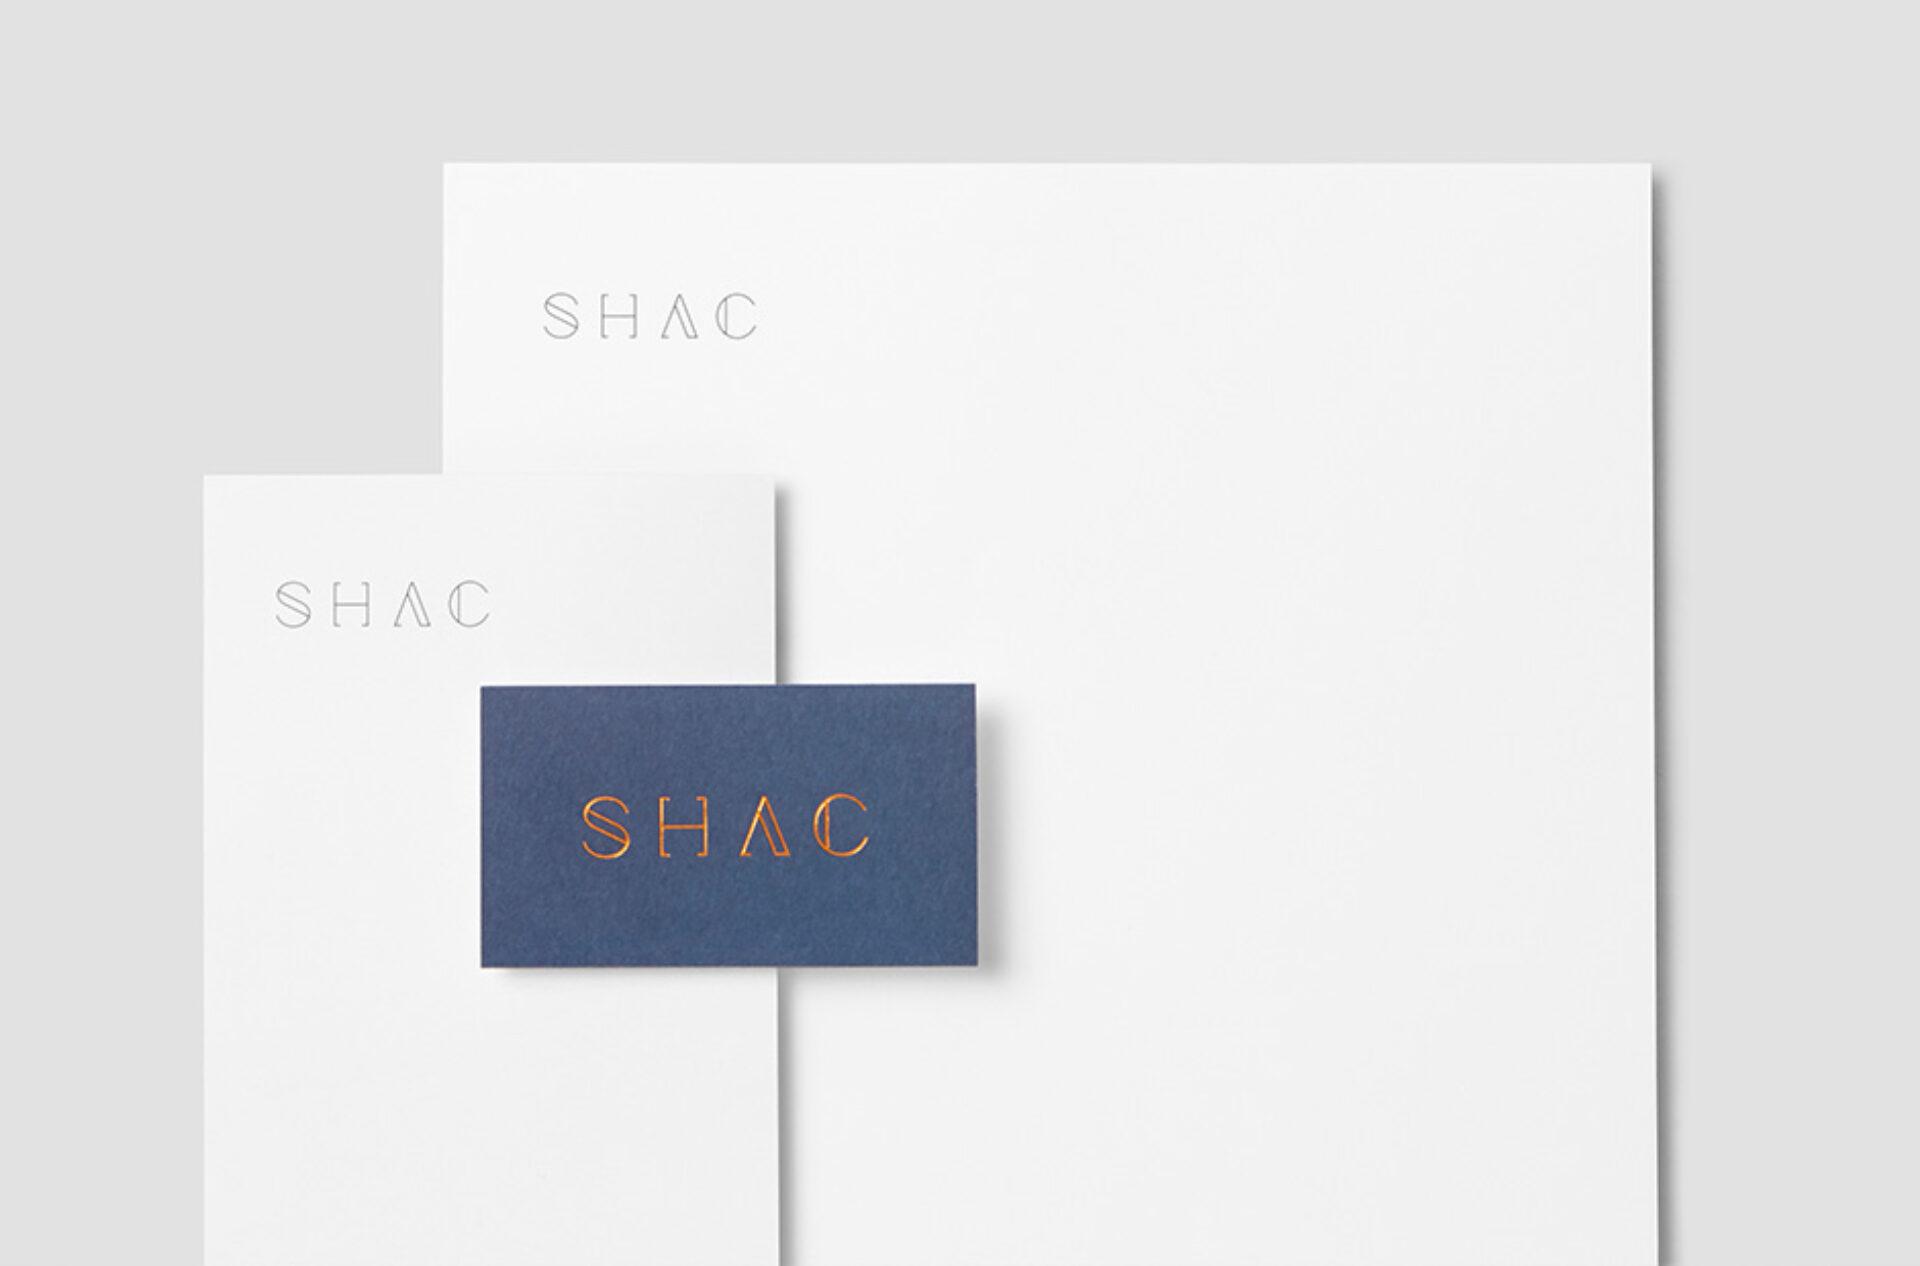 Headjam shac 07